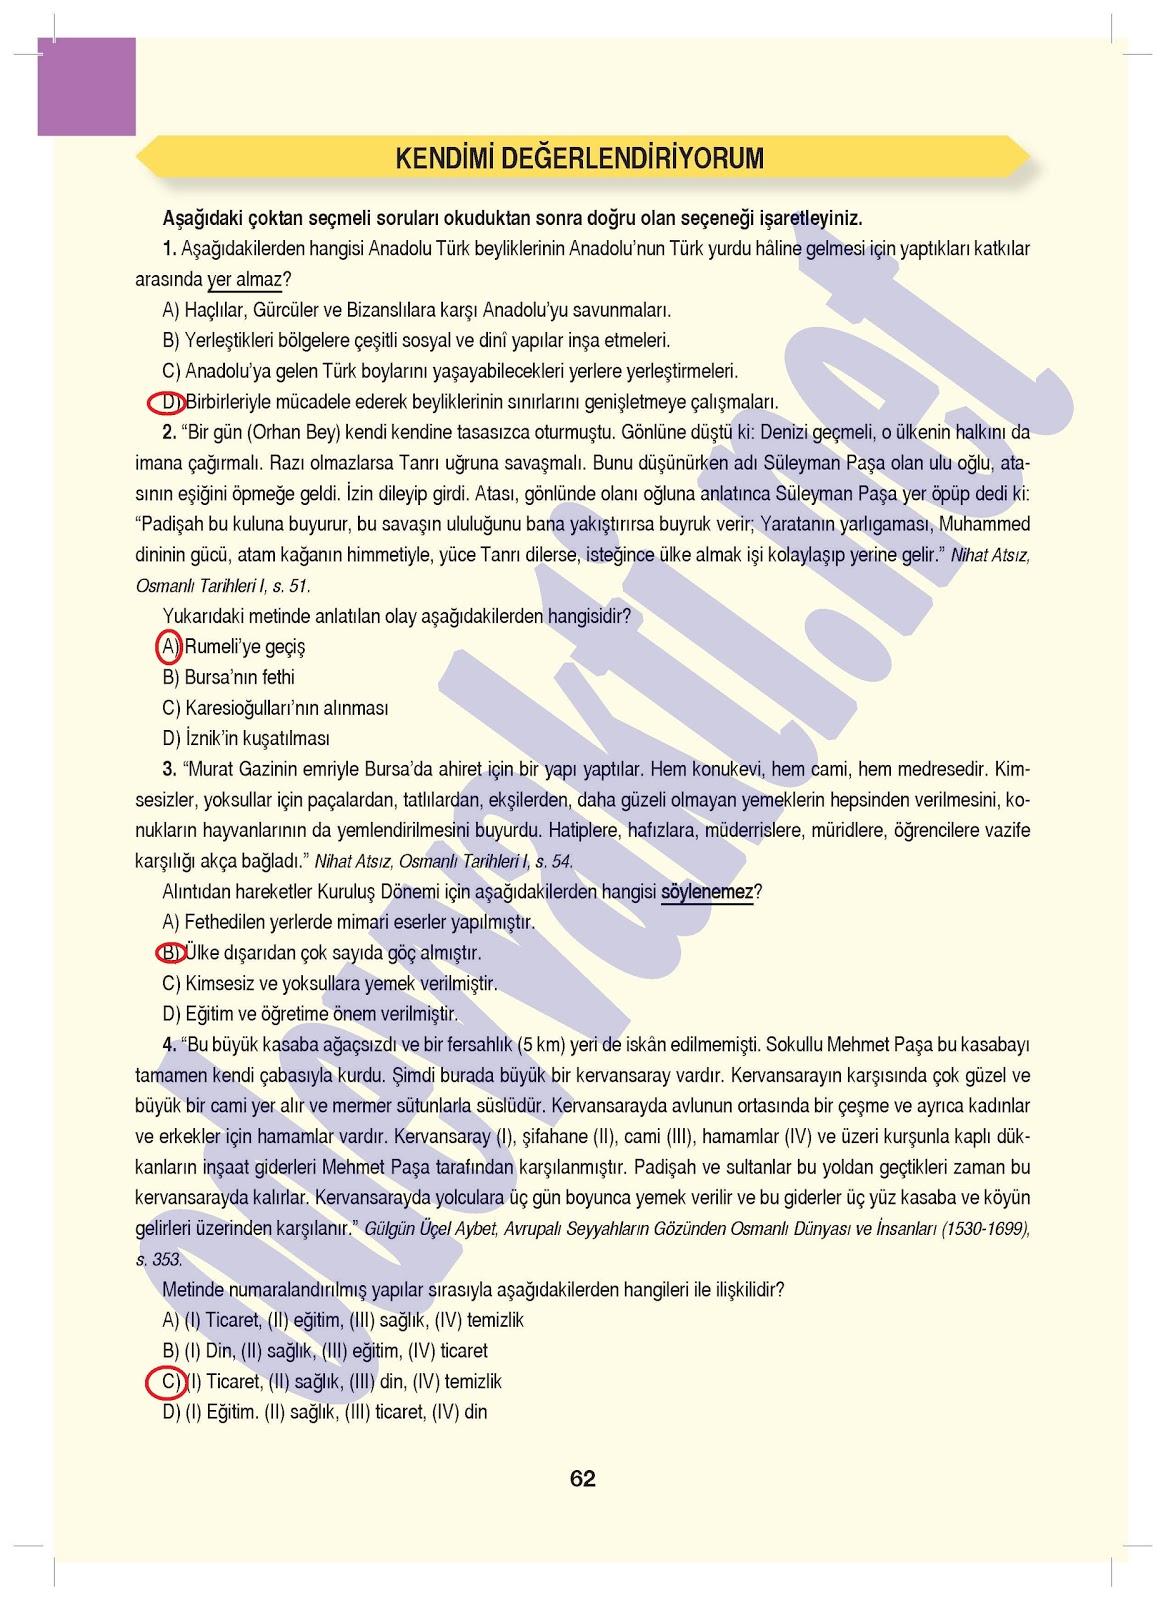 2013 2014 7sınıf Sosyal Bilgiler çalışma Kitabı Cevapları